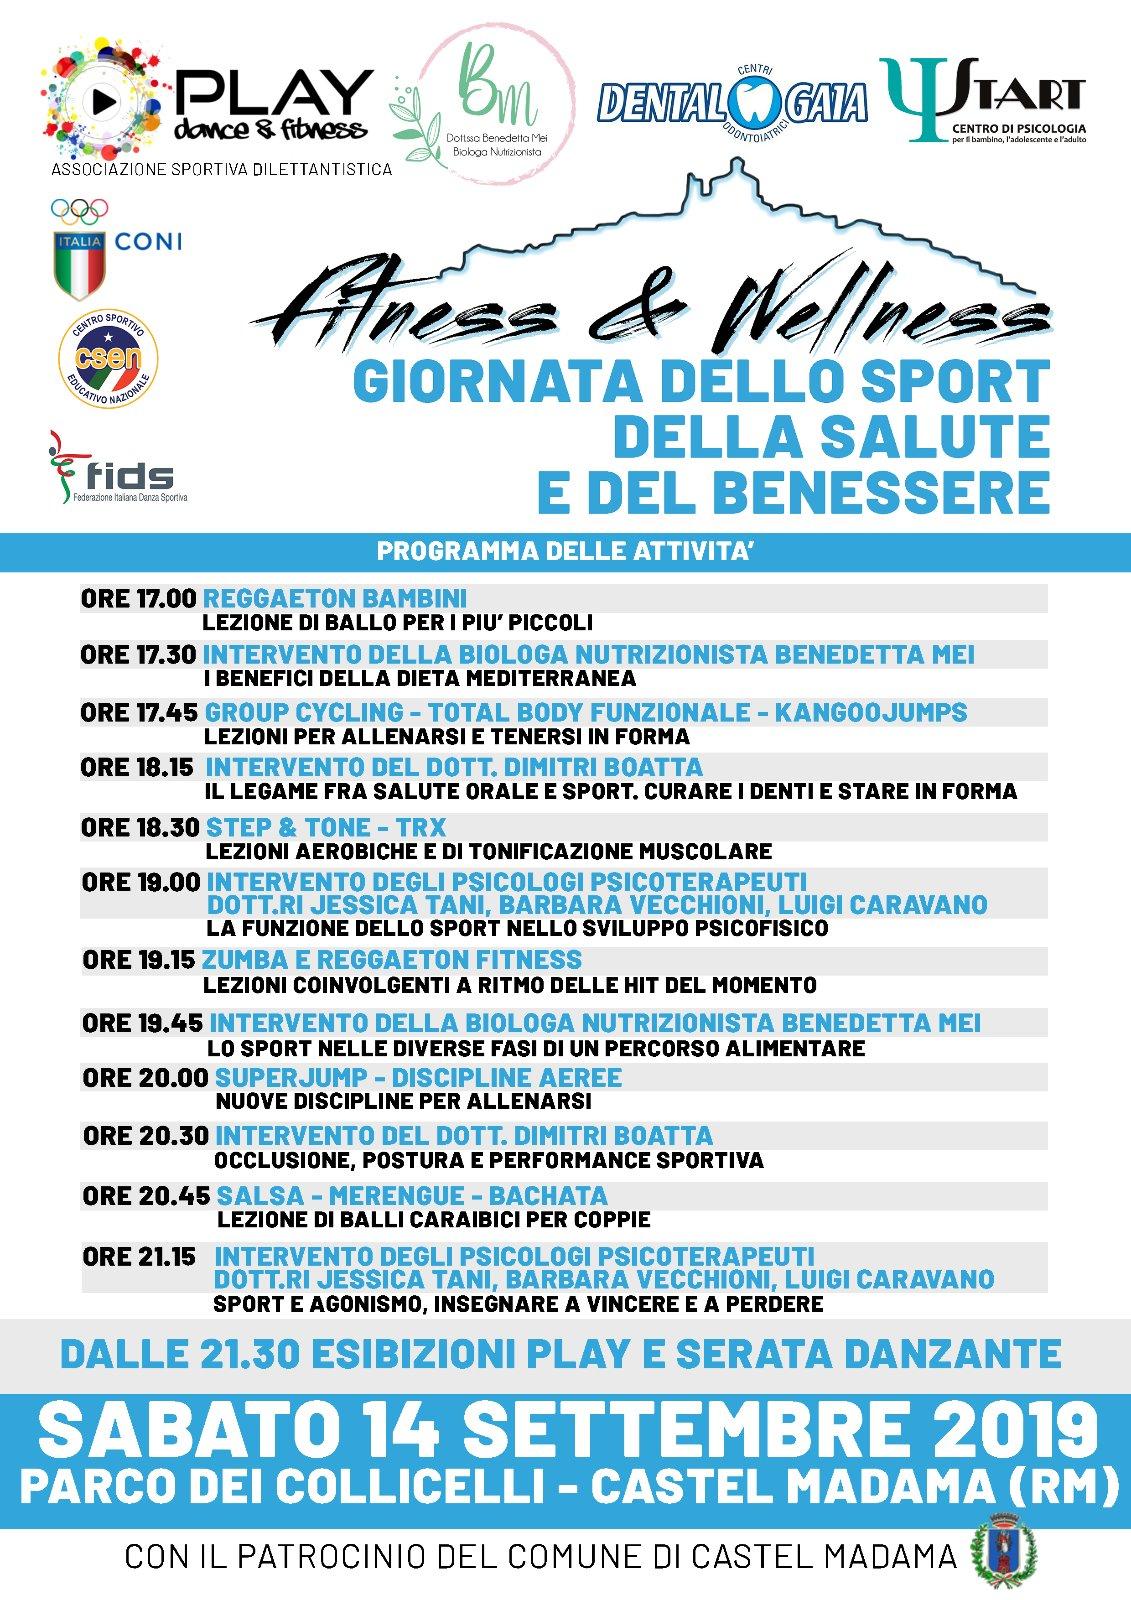 Fitness Wellness Giornata Dello Sport Della Salute E Del Benessere Centro Psicologia Start